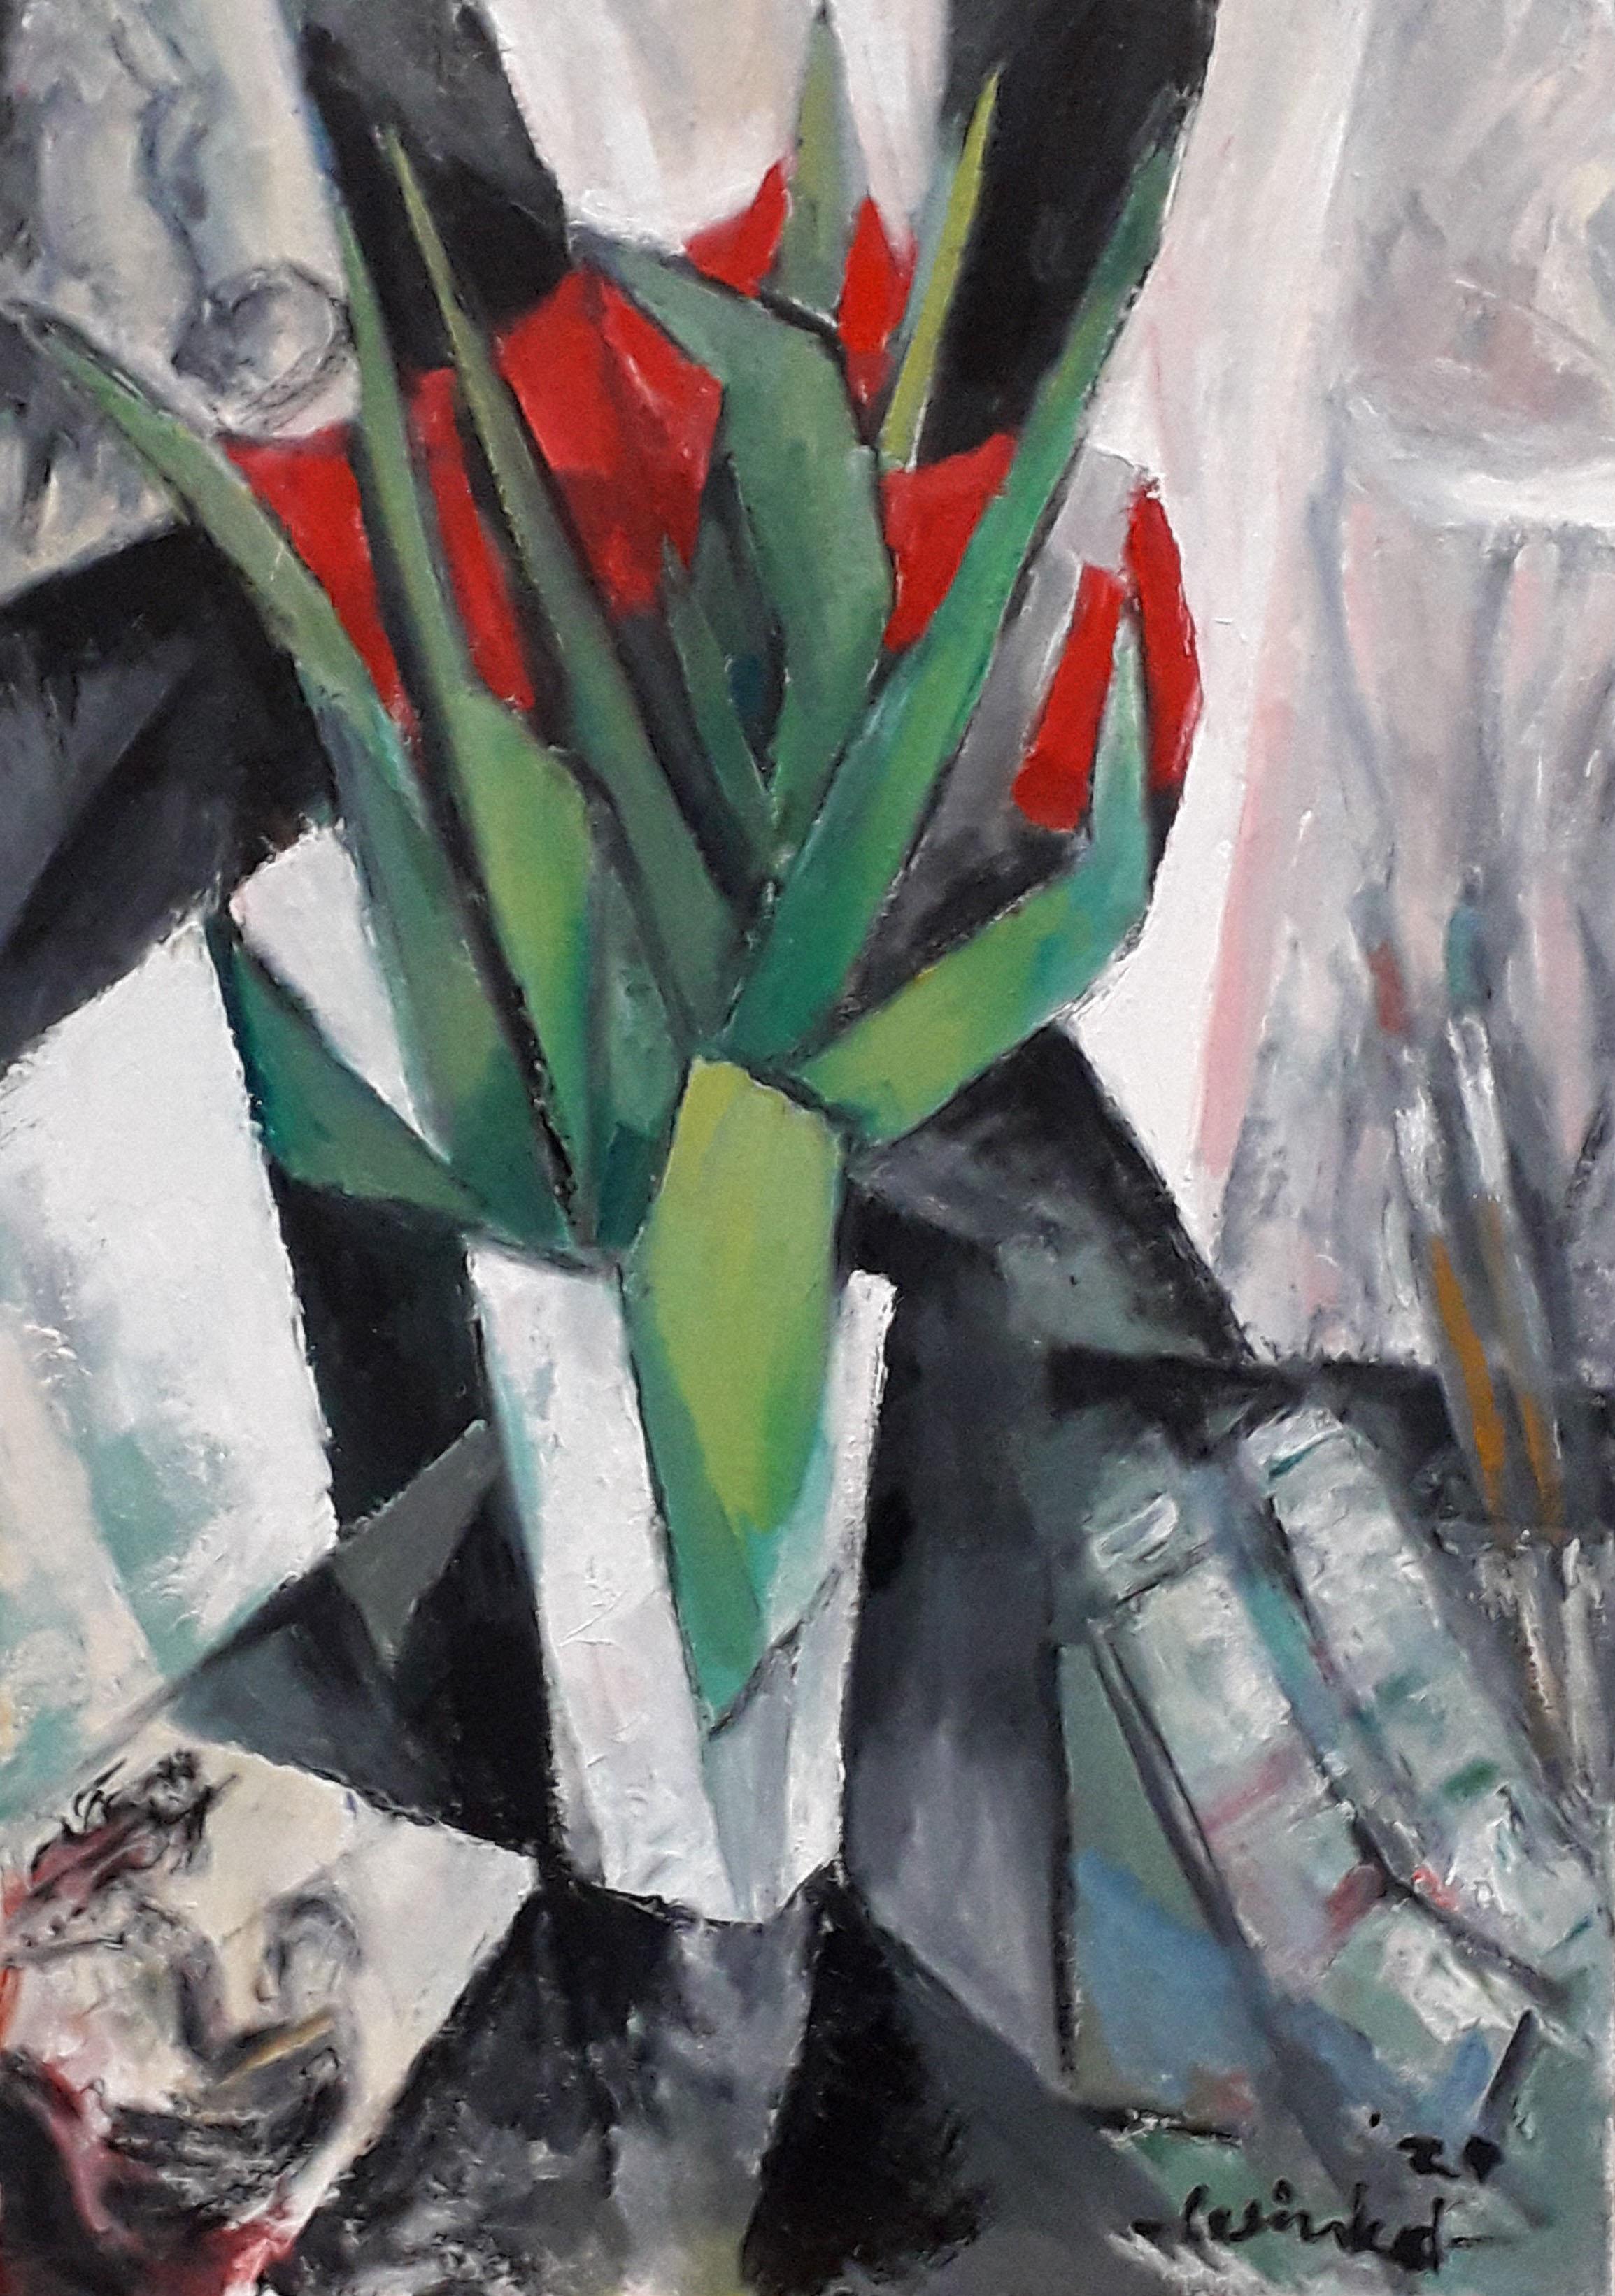 Arien Winkel - kubisme revisited - rode tulpen met naakt